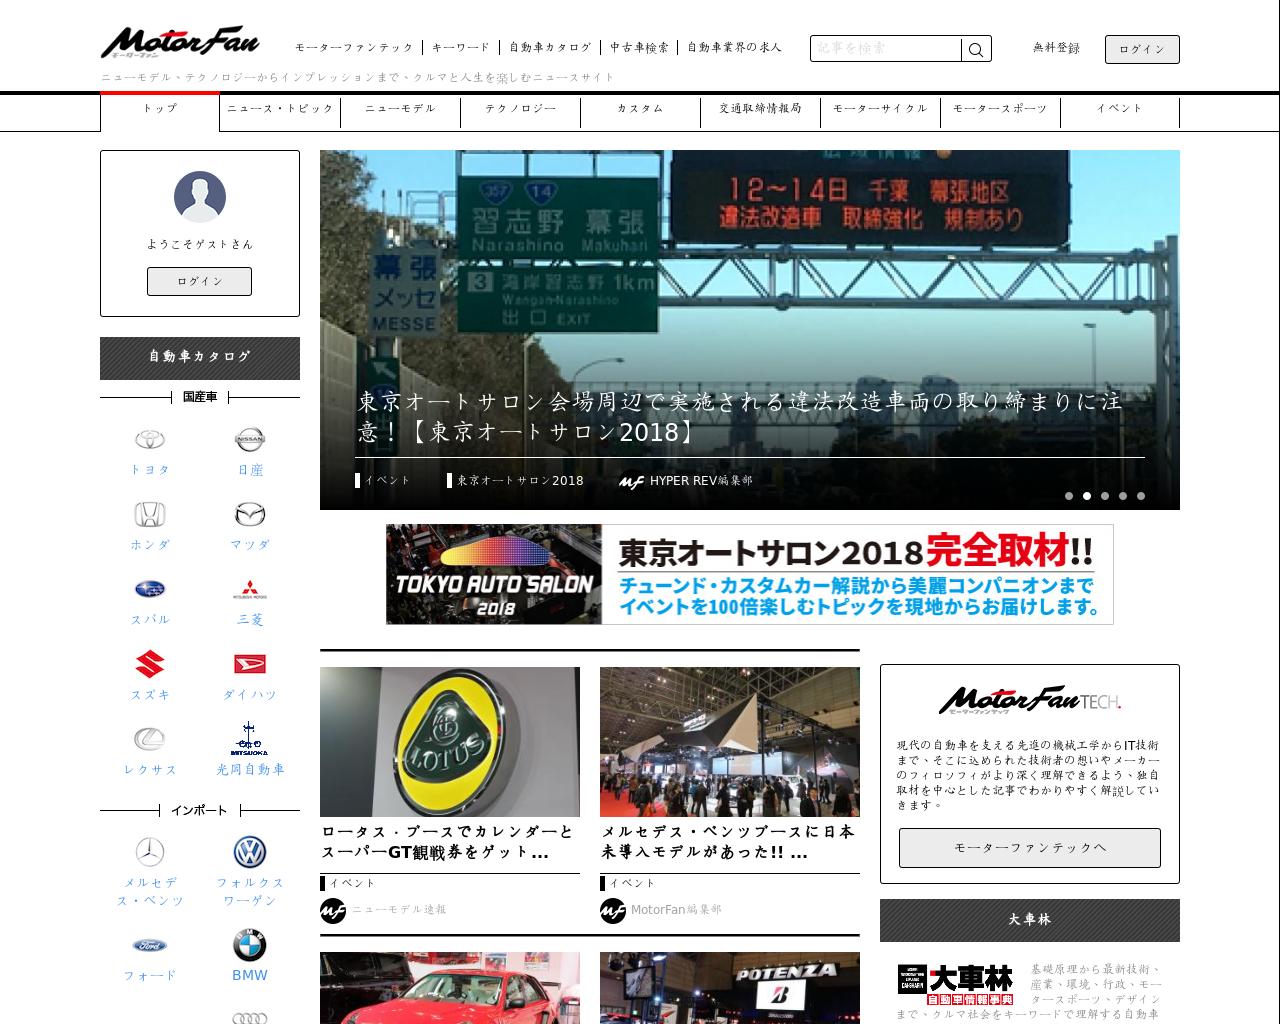 motor-fan.jp(2018/01/13 06:00:40)